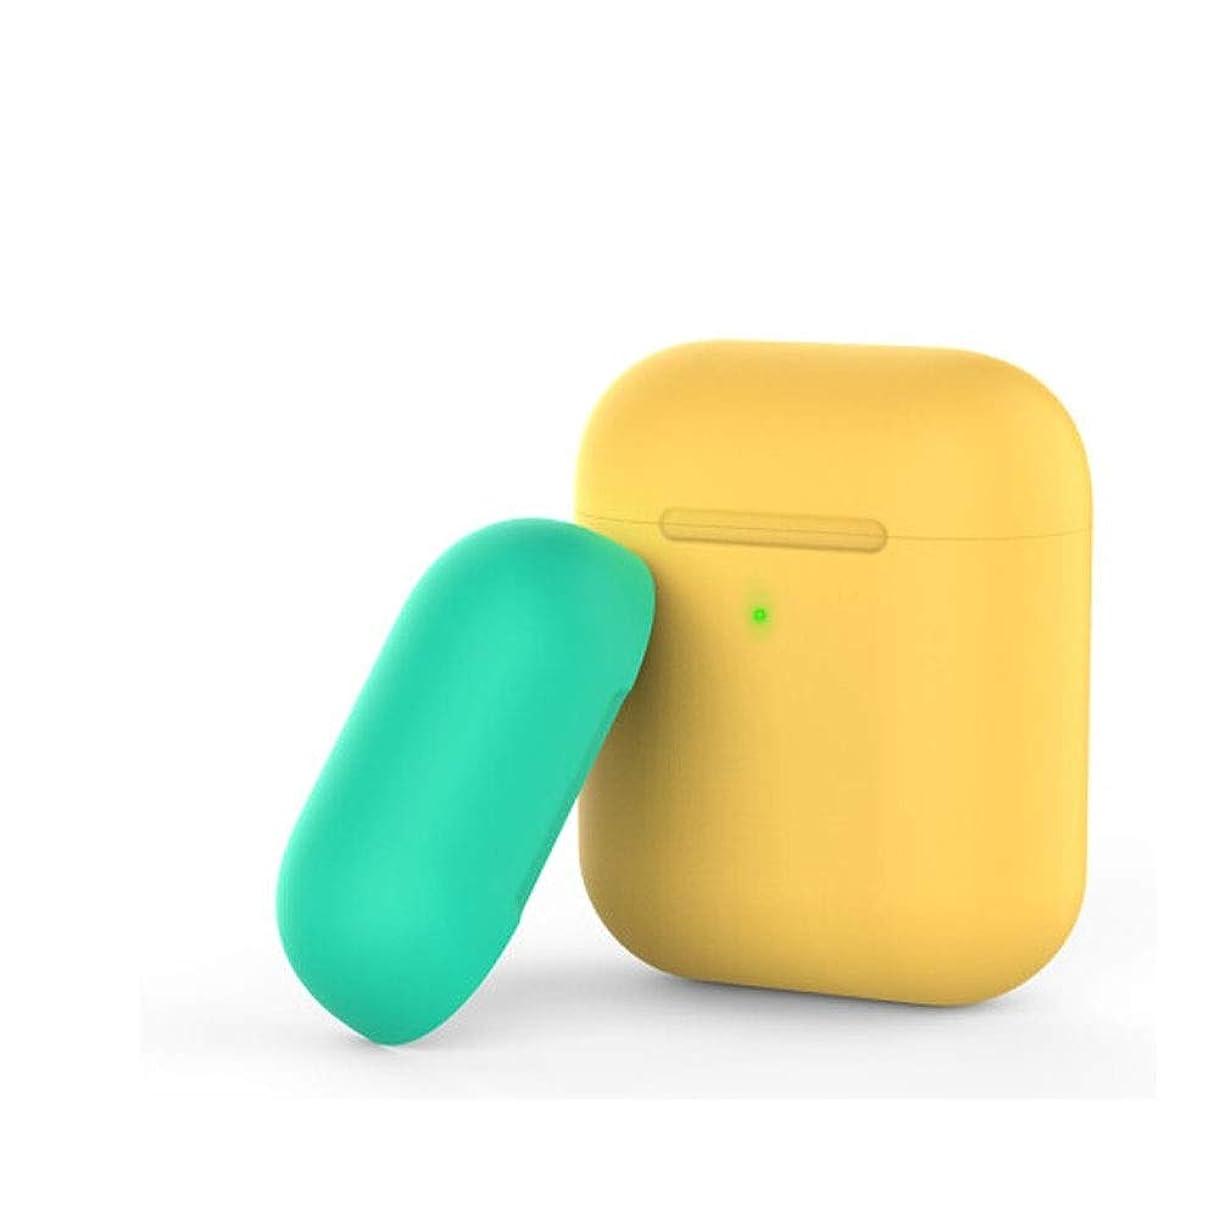 染色ラフ睡眠条約ヘッドフォンカバー、Airpods2保護カバーワイヤレスBluetoothヘッドセット、超薄型クリエイティブ液体シリコーンソフトシェルアンチドロップ収納ボックスアンチロスト、マルチカラーオプション (Color : Yellow)